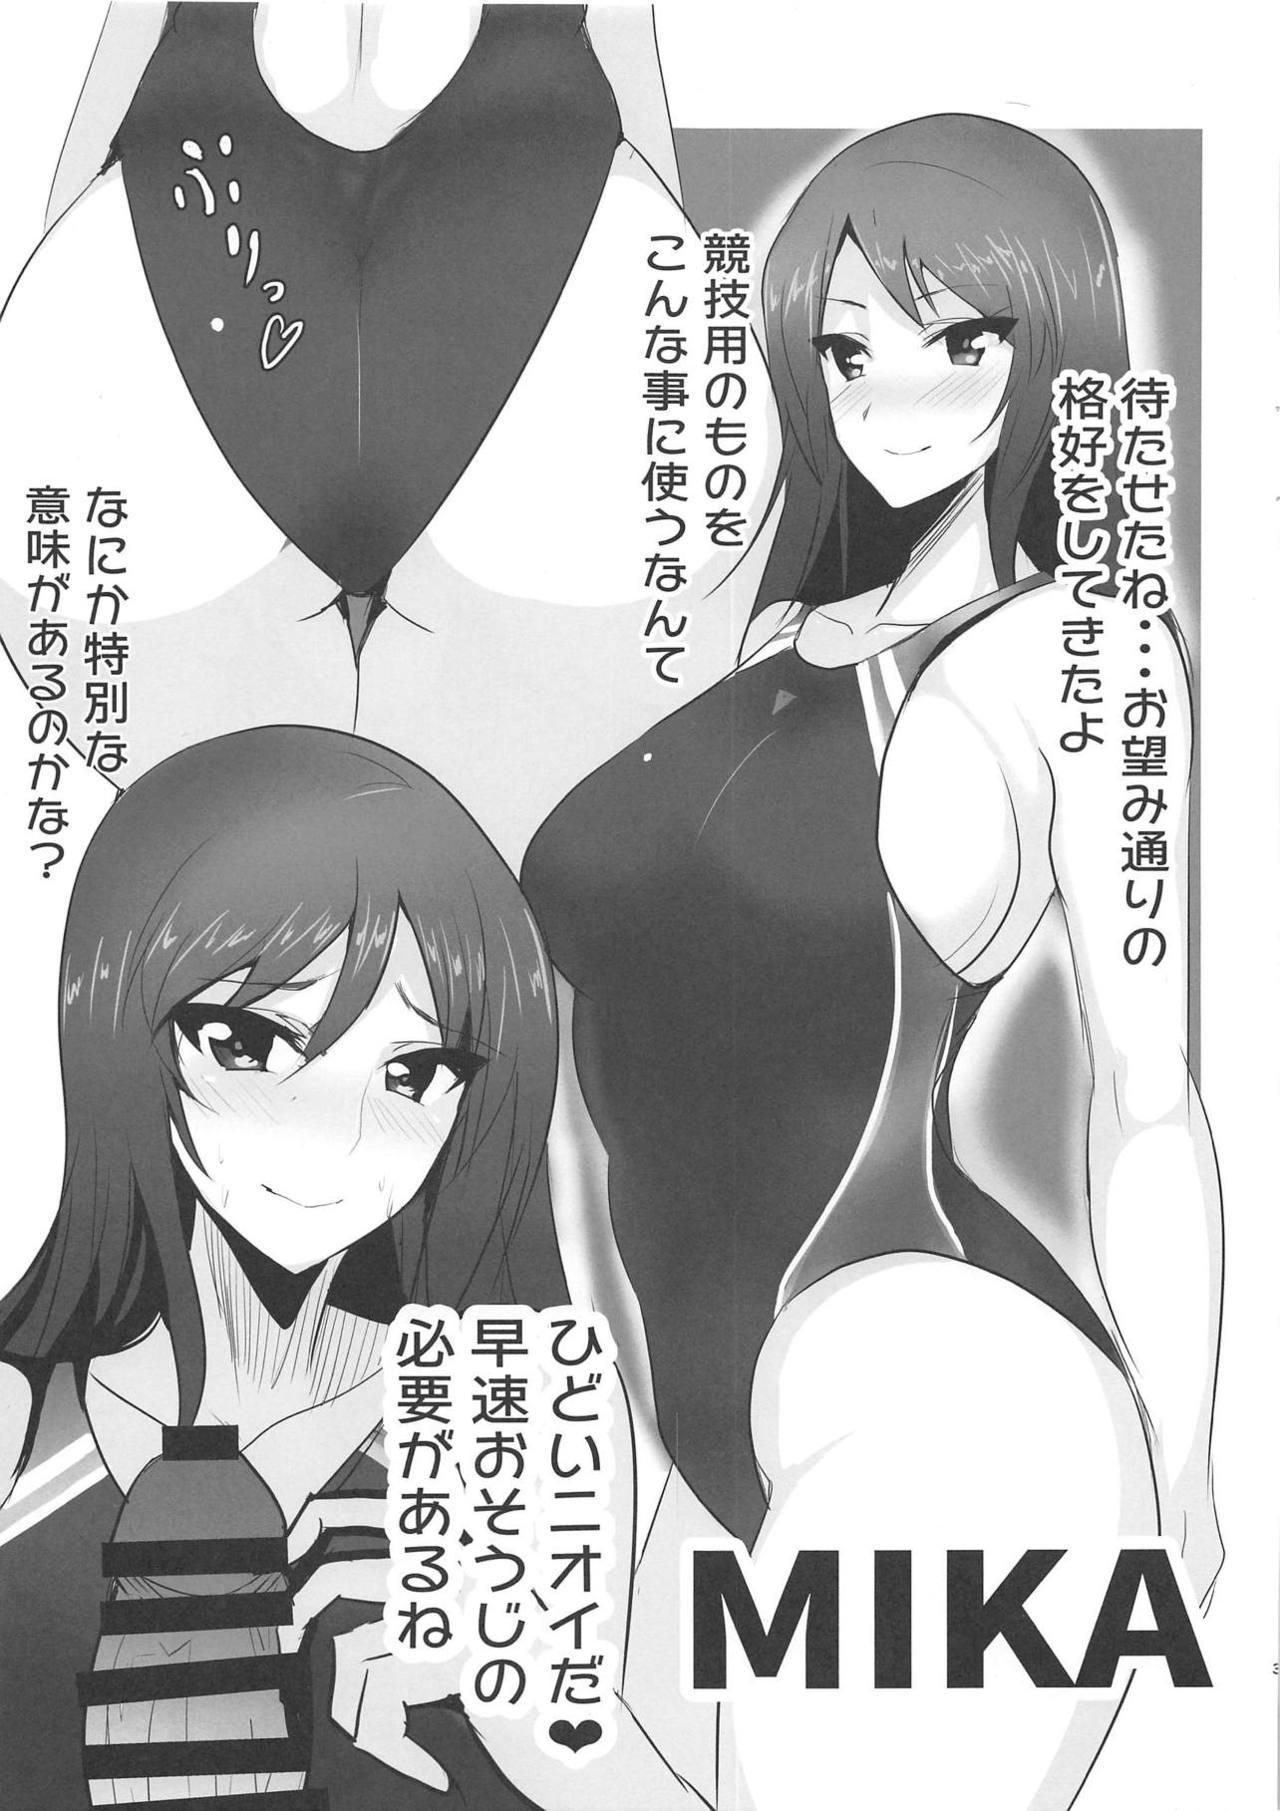 Sensha Otome no Kyouei Mizugi 1